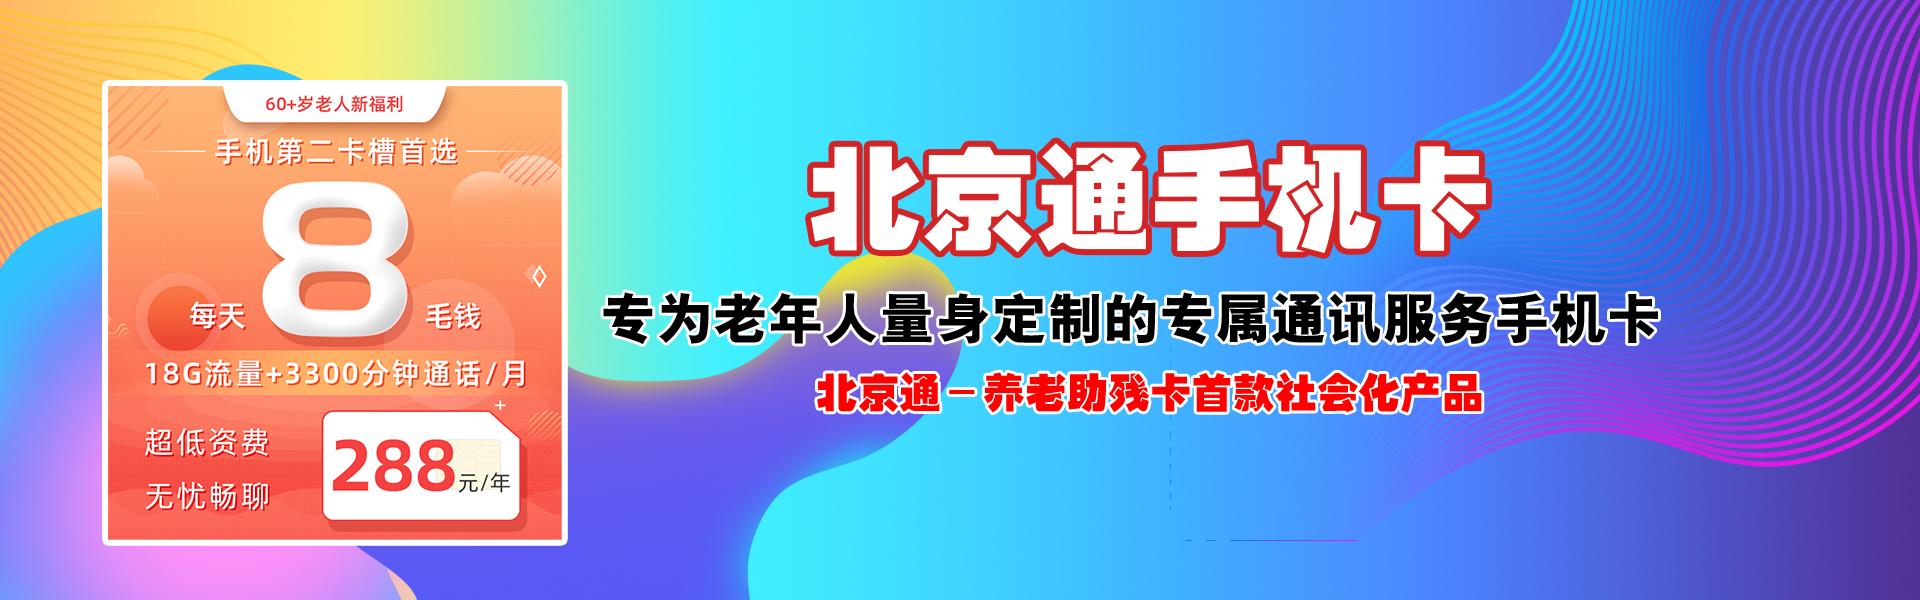 北京通手机卡2